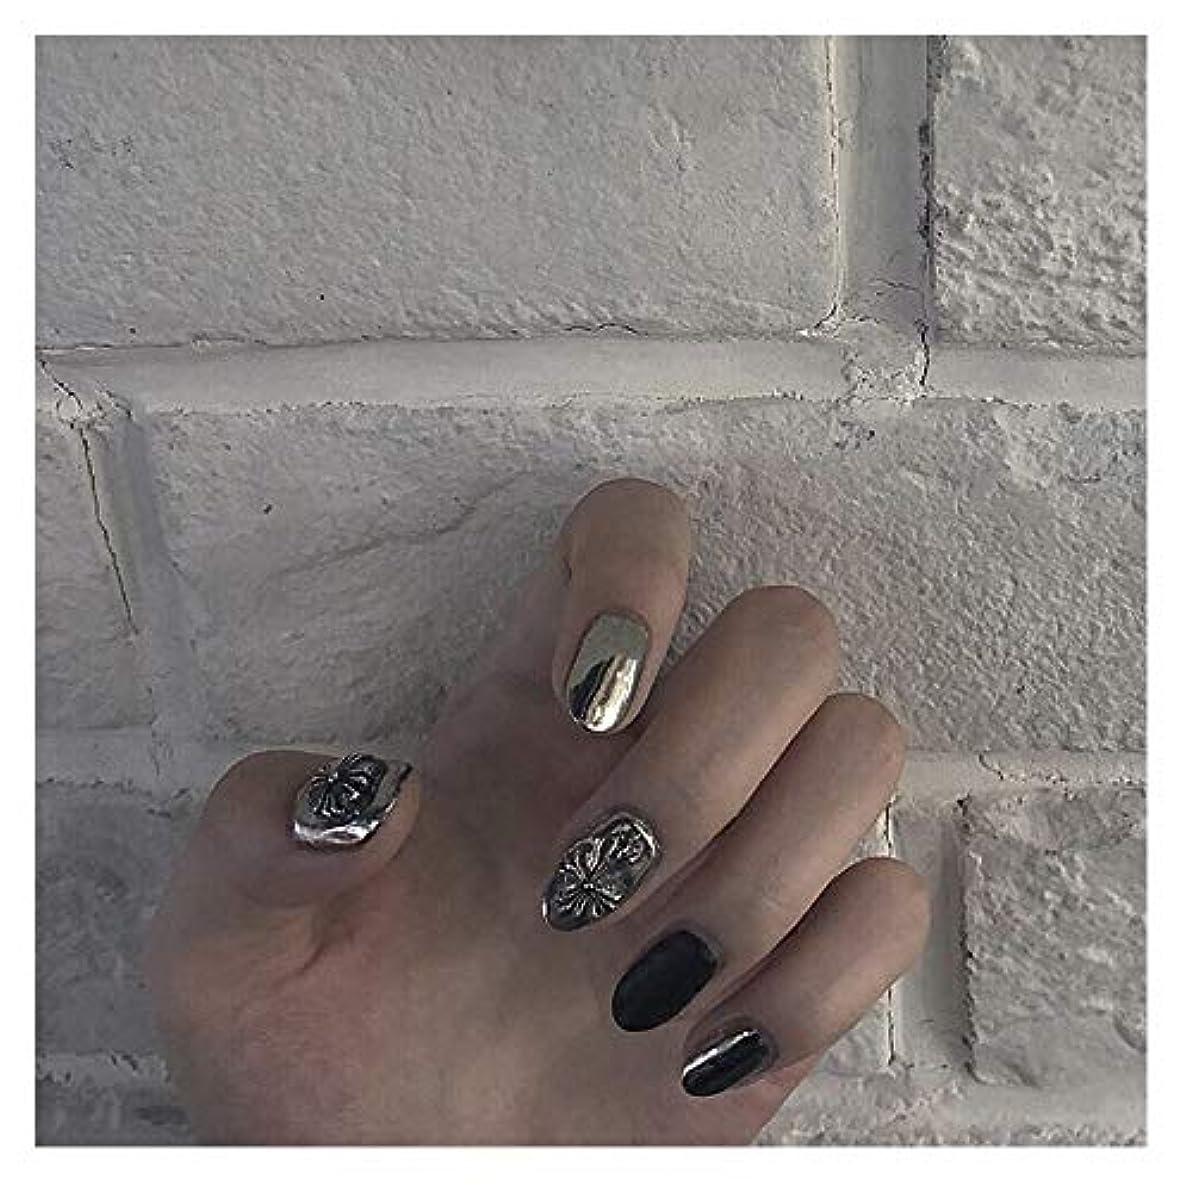 天国タイヤ中性LVUITTON シルバークロスゴススタイルグルーフェイクネイルズファッション単一製品アクセサリーラウンドネイルズ光沢のあるシルバー+ブラック (色 : 24 pieces)